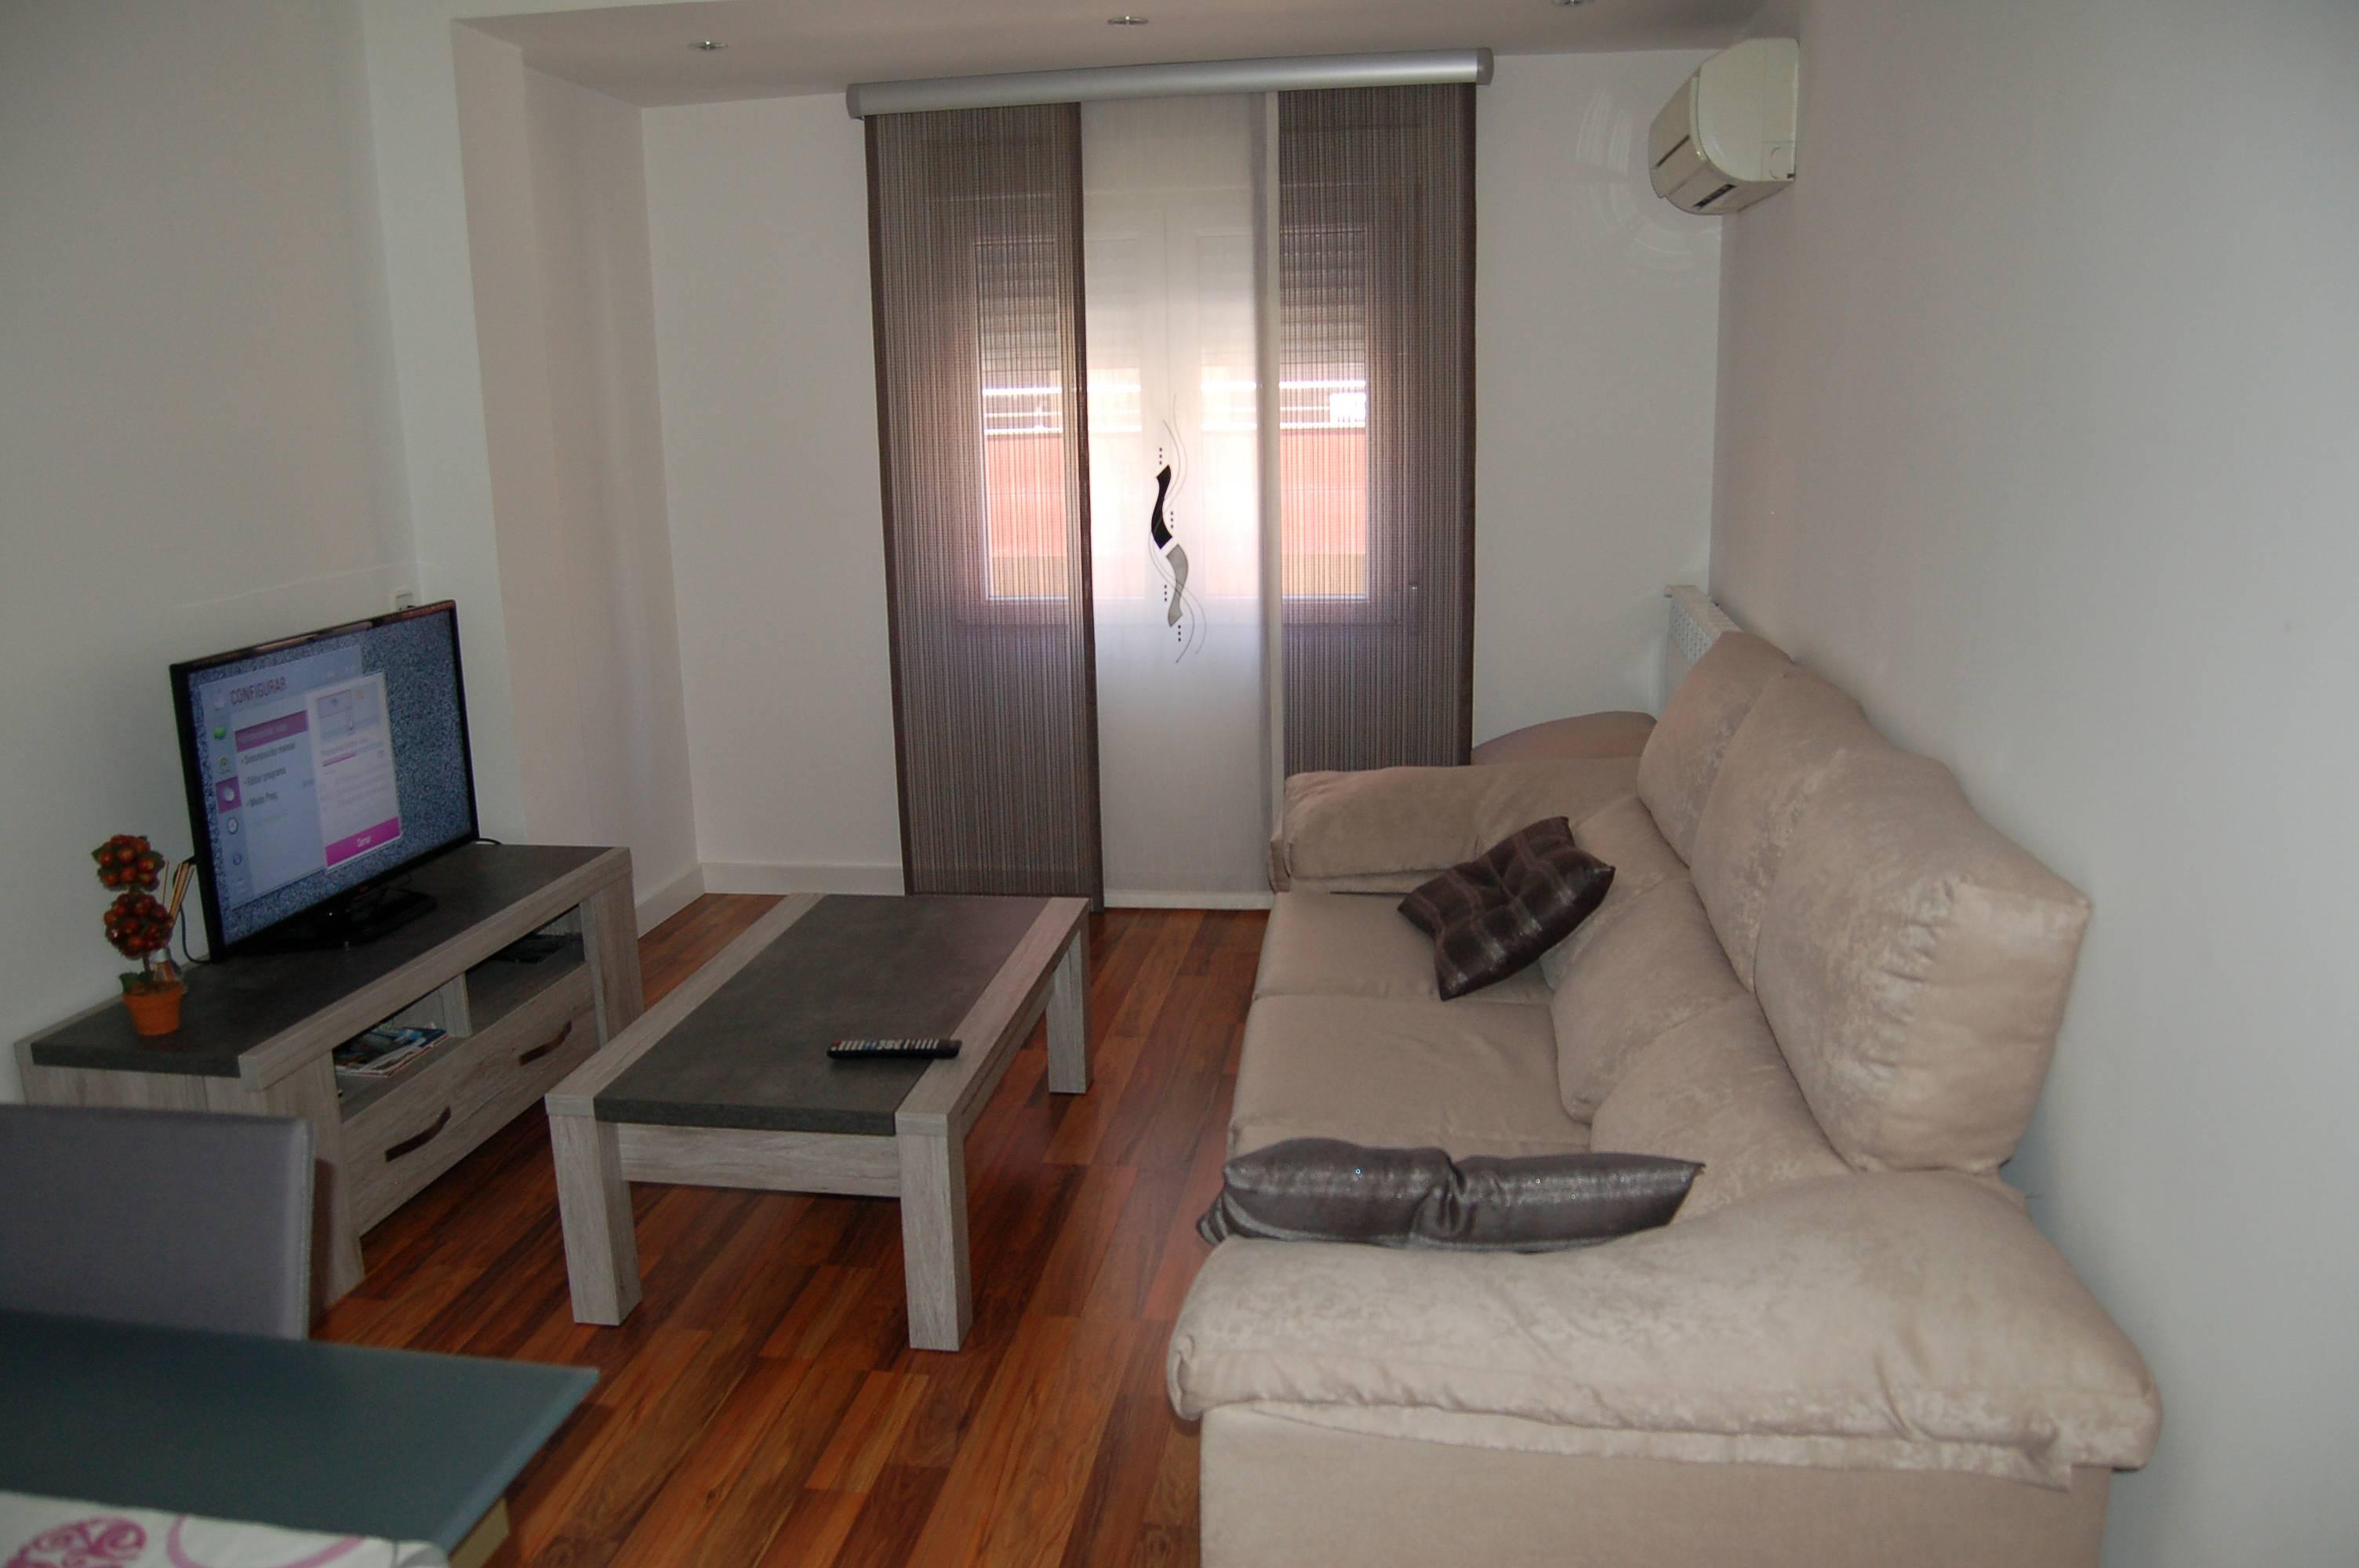 Piso 3 habitaciones en zaragoza centro c carmen zaragoza for Habitaciones zaragoza